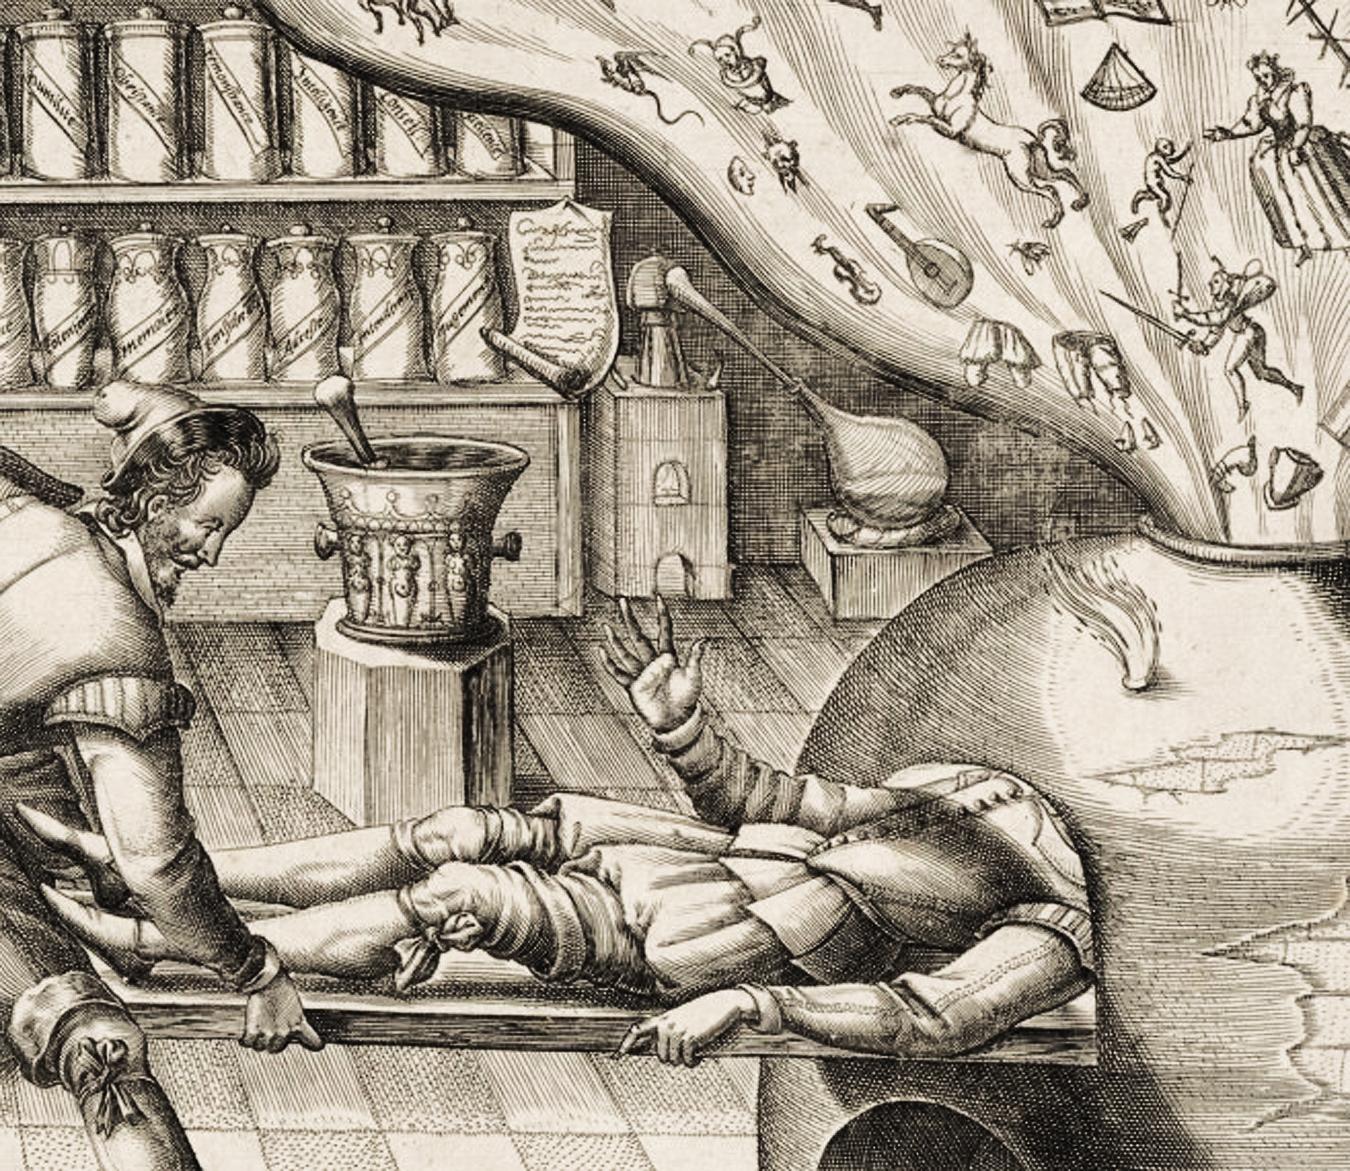 Il medico cura la fantasia - Mattheus Greuter, 1620